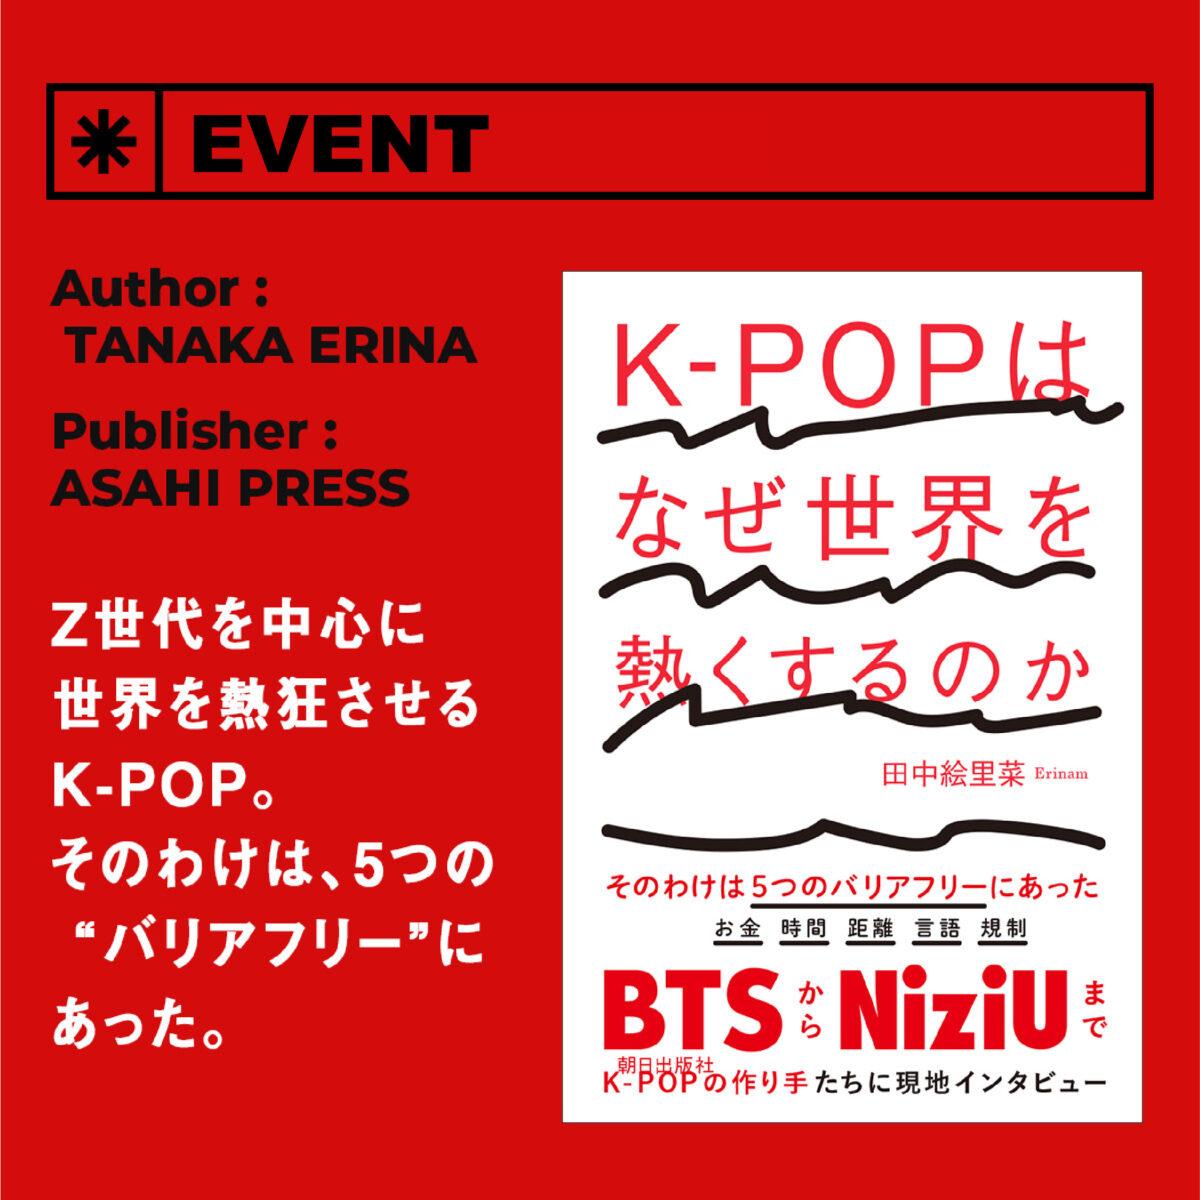 K-POPはなぜ世界を熱くするのか・その後 『K-POPはなぜ世界を熱くするのか』トークイベント